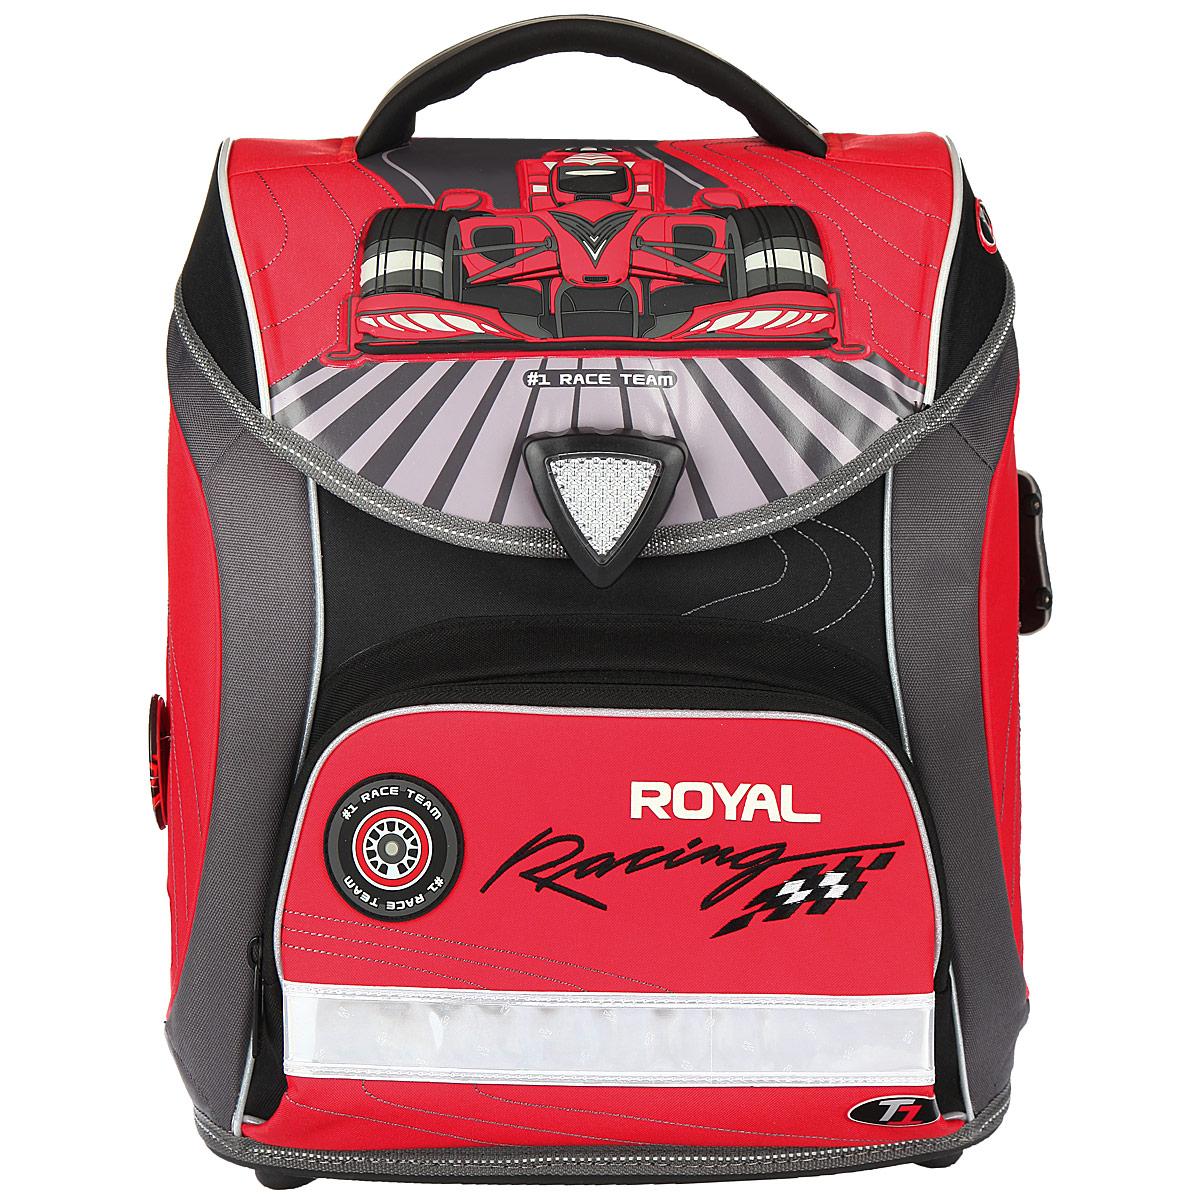 Ранец школьный Hummingbird Royal Racing, цвет: серый, красный, черный. H6H6Эргономичный школьный ранец с жесткой конструкцией Hummingbird Royal Racing выполнен из современного пористого EVA материала, отличающегося легкостью и долговечностью. Изделие оформлено изображением робота и дополнительно оформлено брелоком в форме машинки.Ранец имеет одно основное отделение, закрывающееся на магнитный замок-вертушку. Внутри главного отделения расположены: нашитый карман на молнии, два накладных кармана-разделителя с жесткими стенками. На лицевой стороне ранца расположен накладной карман на молнии. По бокам рюкзака расположены два вшитых кармана на молниях.Спинка ранца Ergo System со специальной дышащей системой дарит комфорт и способствует улучшению осанки ребенка.Ранец оснащен эргономичной ручкой для переноски, двумя широкими лямками, регулируемой длины, и петлей для подвешивания. Дно изготовлено из прочного пластика.Многофункциональный школьный ранец Hummingbird Royal Racing станет незаменимым спутником вашего ребенка в походах за знаниями.